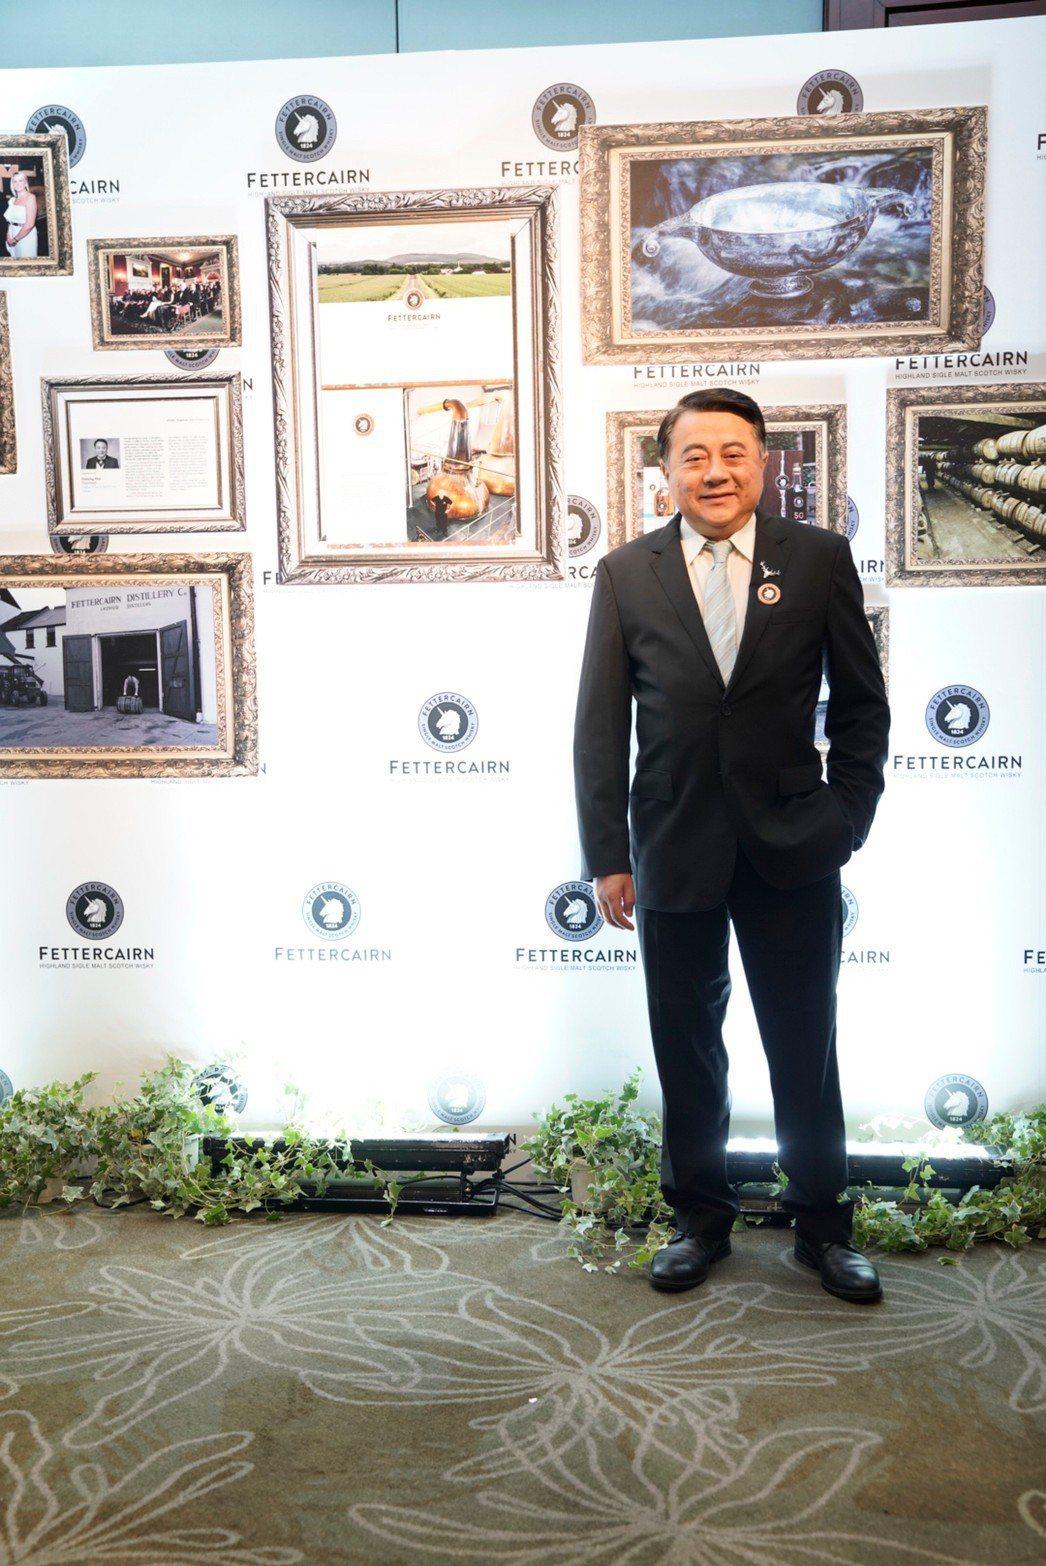 尚格酒業董事長奚大寧帶領旗下代理品牌走向台灣市場的頂端,創造能打動消費者的「質敢...